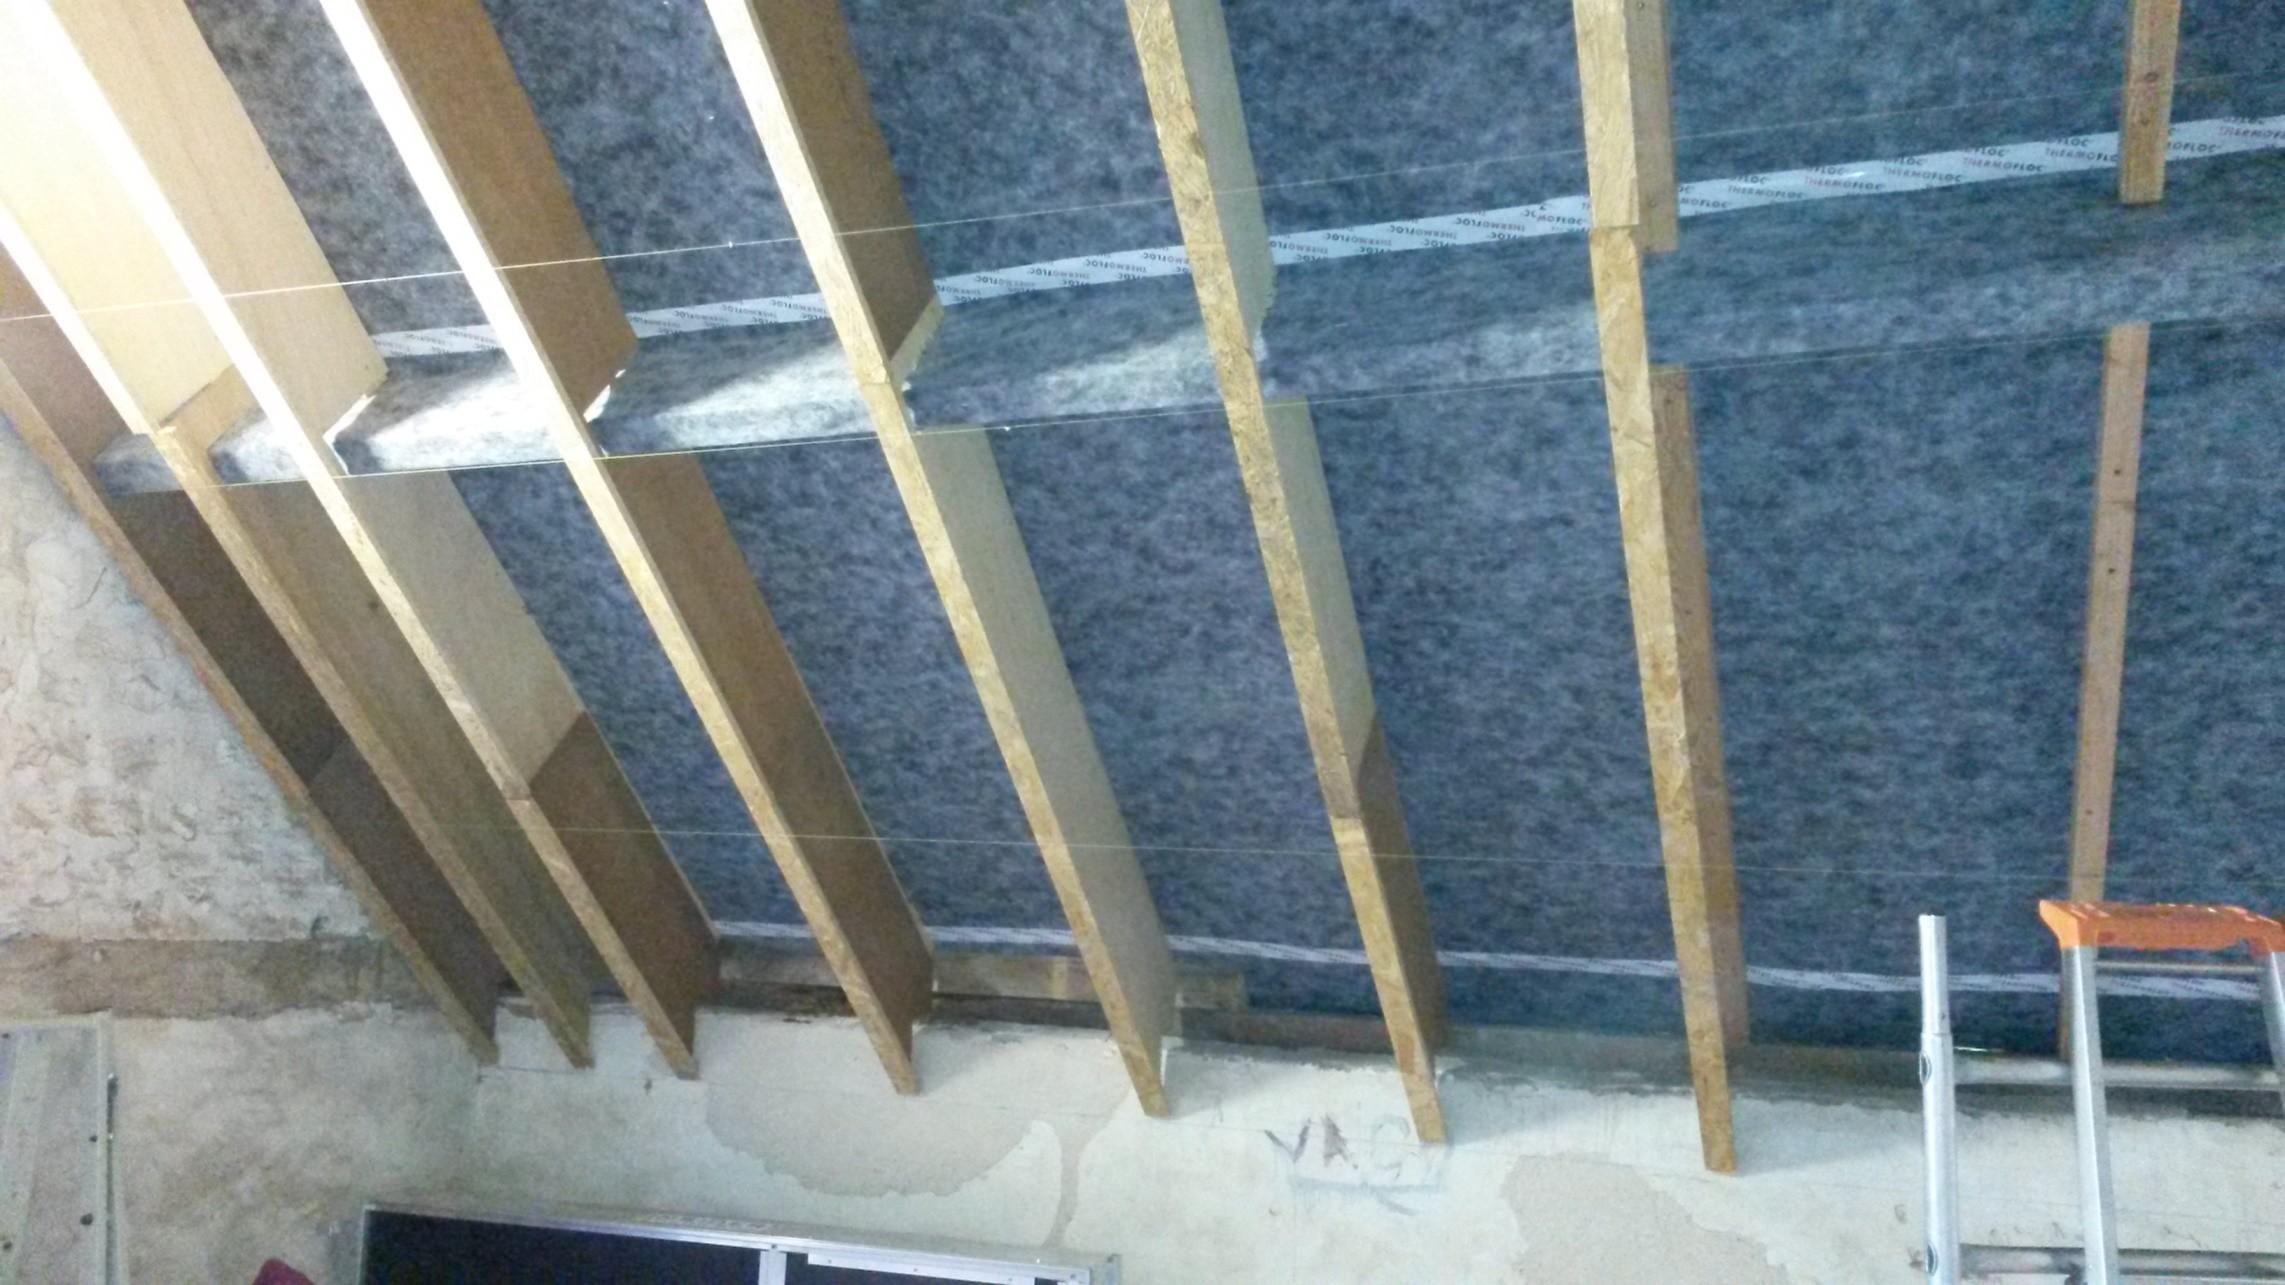 isolation de murs et toiture en ouate de cellulose. Black Bedroom Furniture Sets. Home Design Ideas